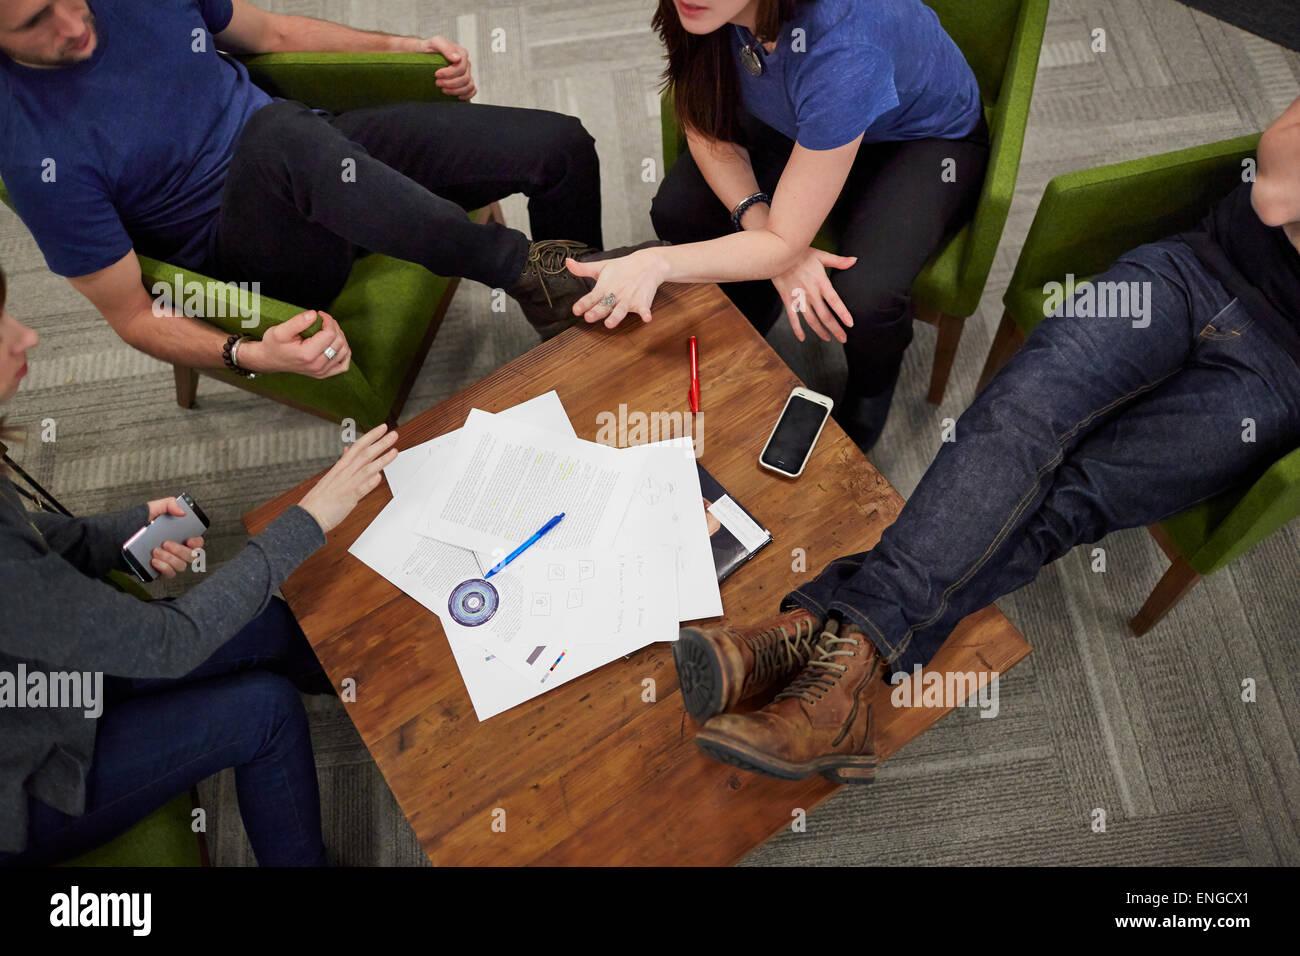 Vue aérienne d'une réunion de quatre personnes assises autour d'une table basse. Photo Stock